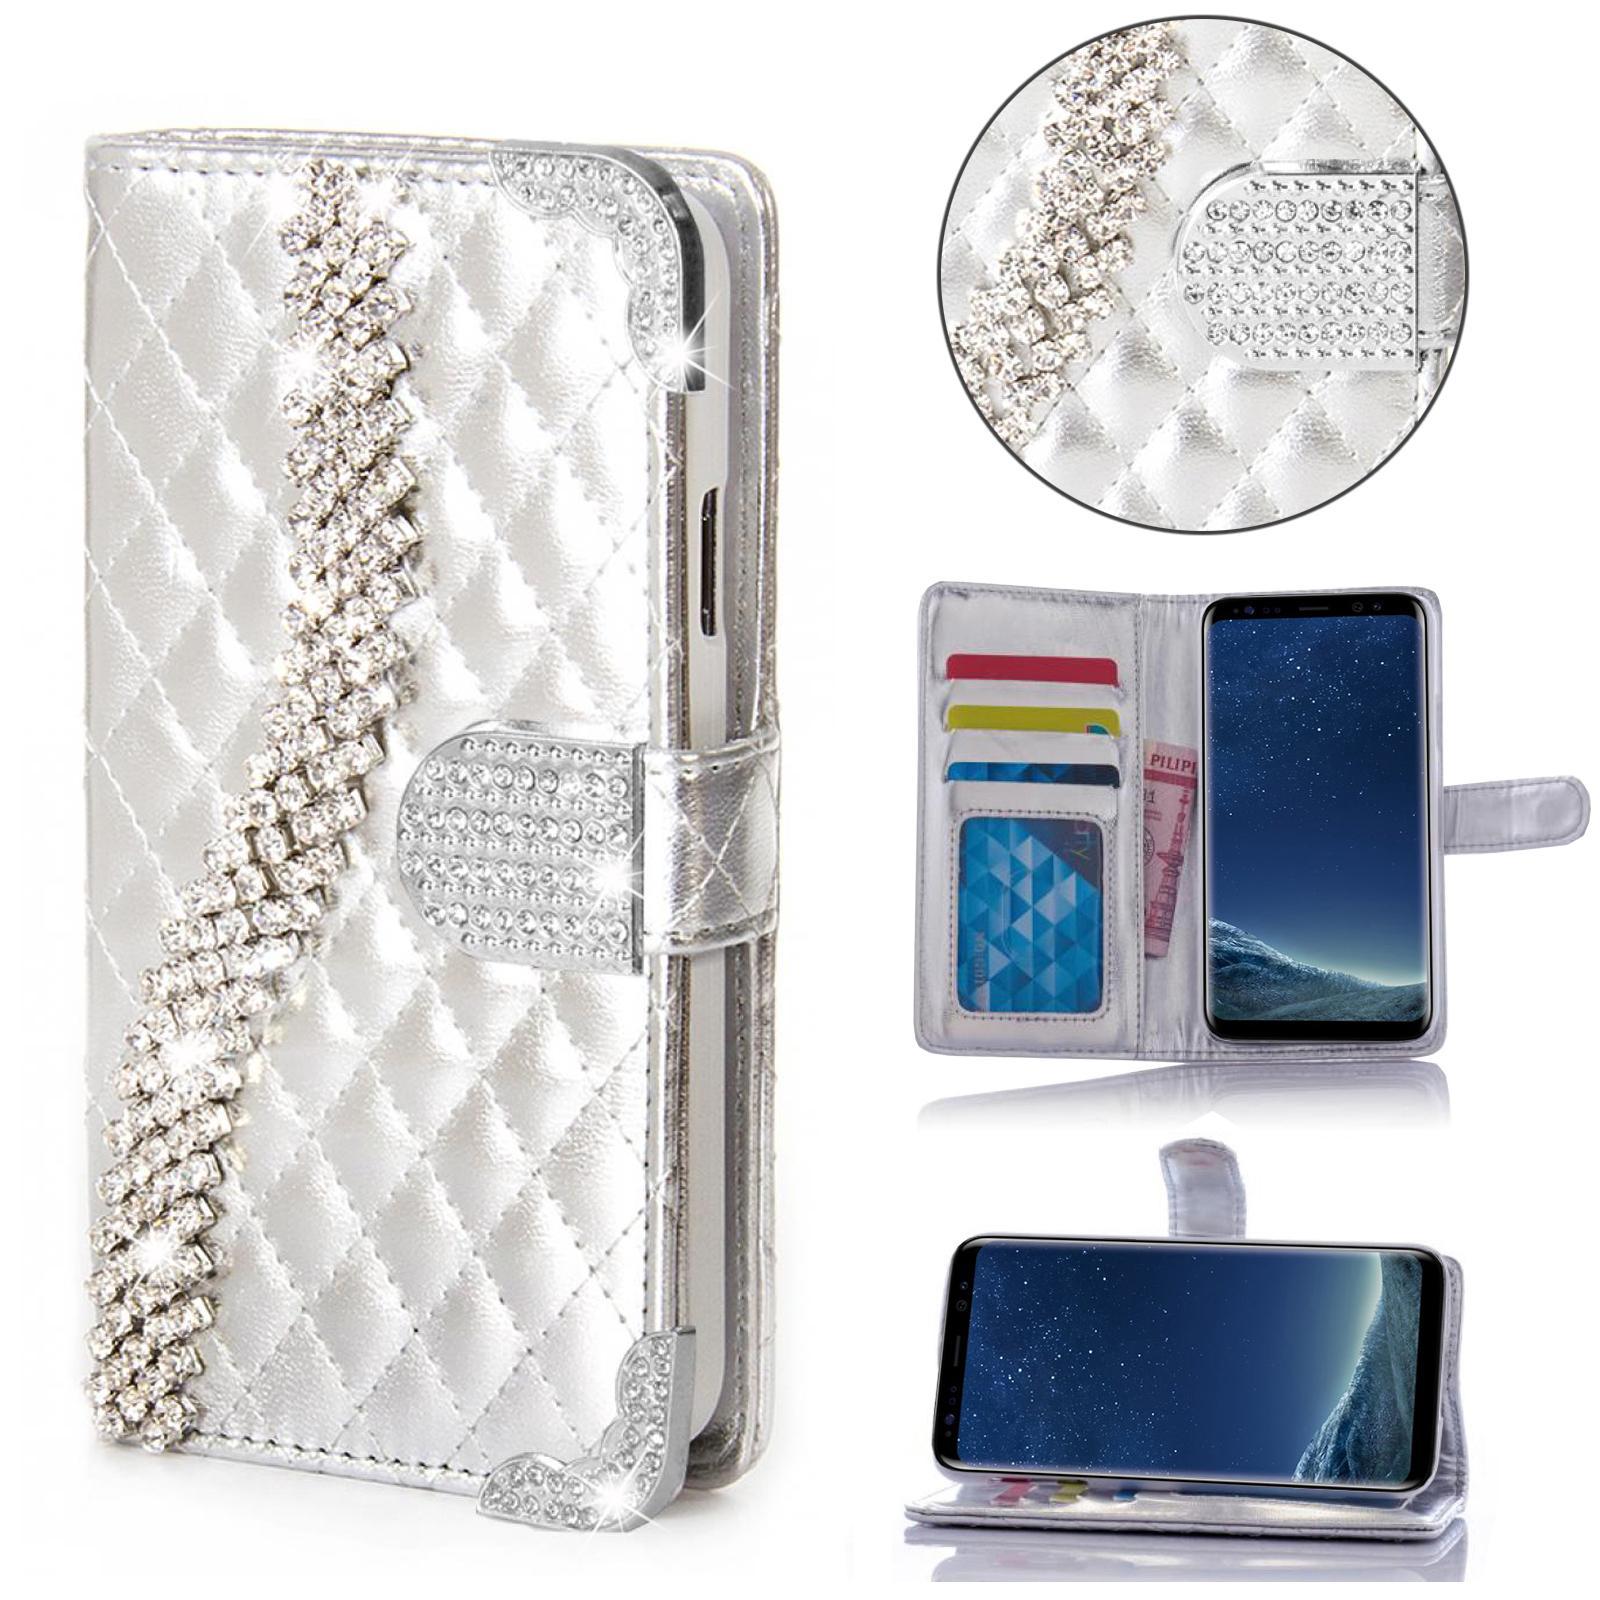 Strass-Glitzer-Handy-Tasche-Schutz-Huelle-Flip-Cover-Book-Style-Case-Etui-K917